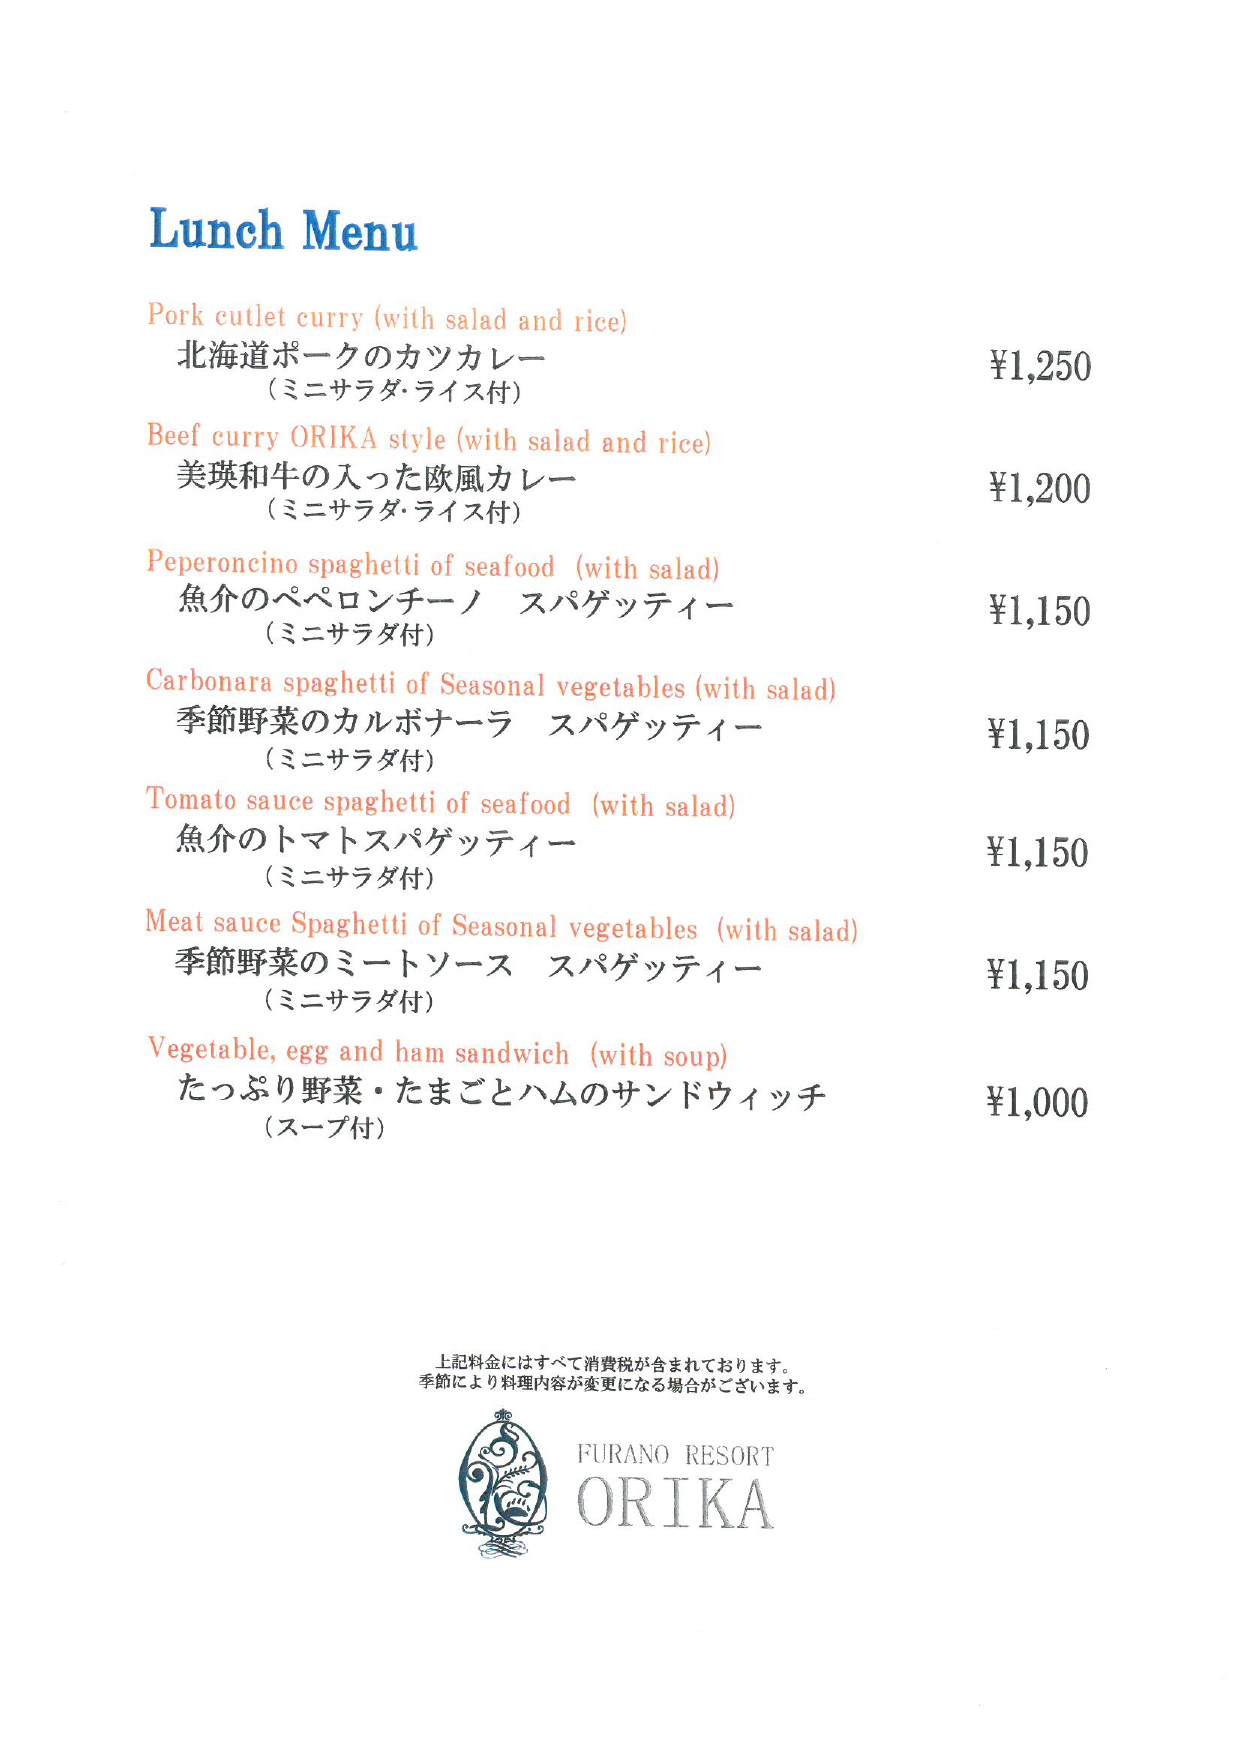 2020レストランORIKA 昼食メニュー(1/4)